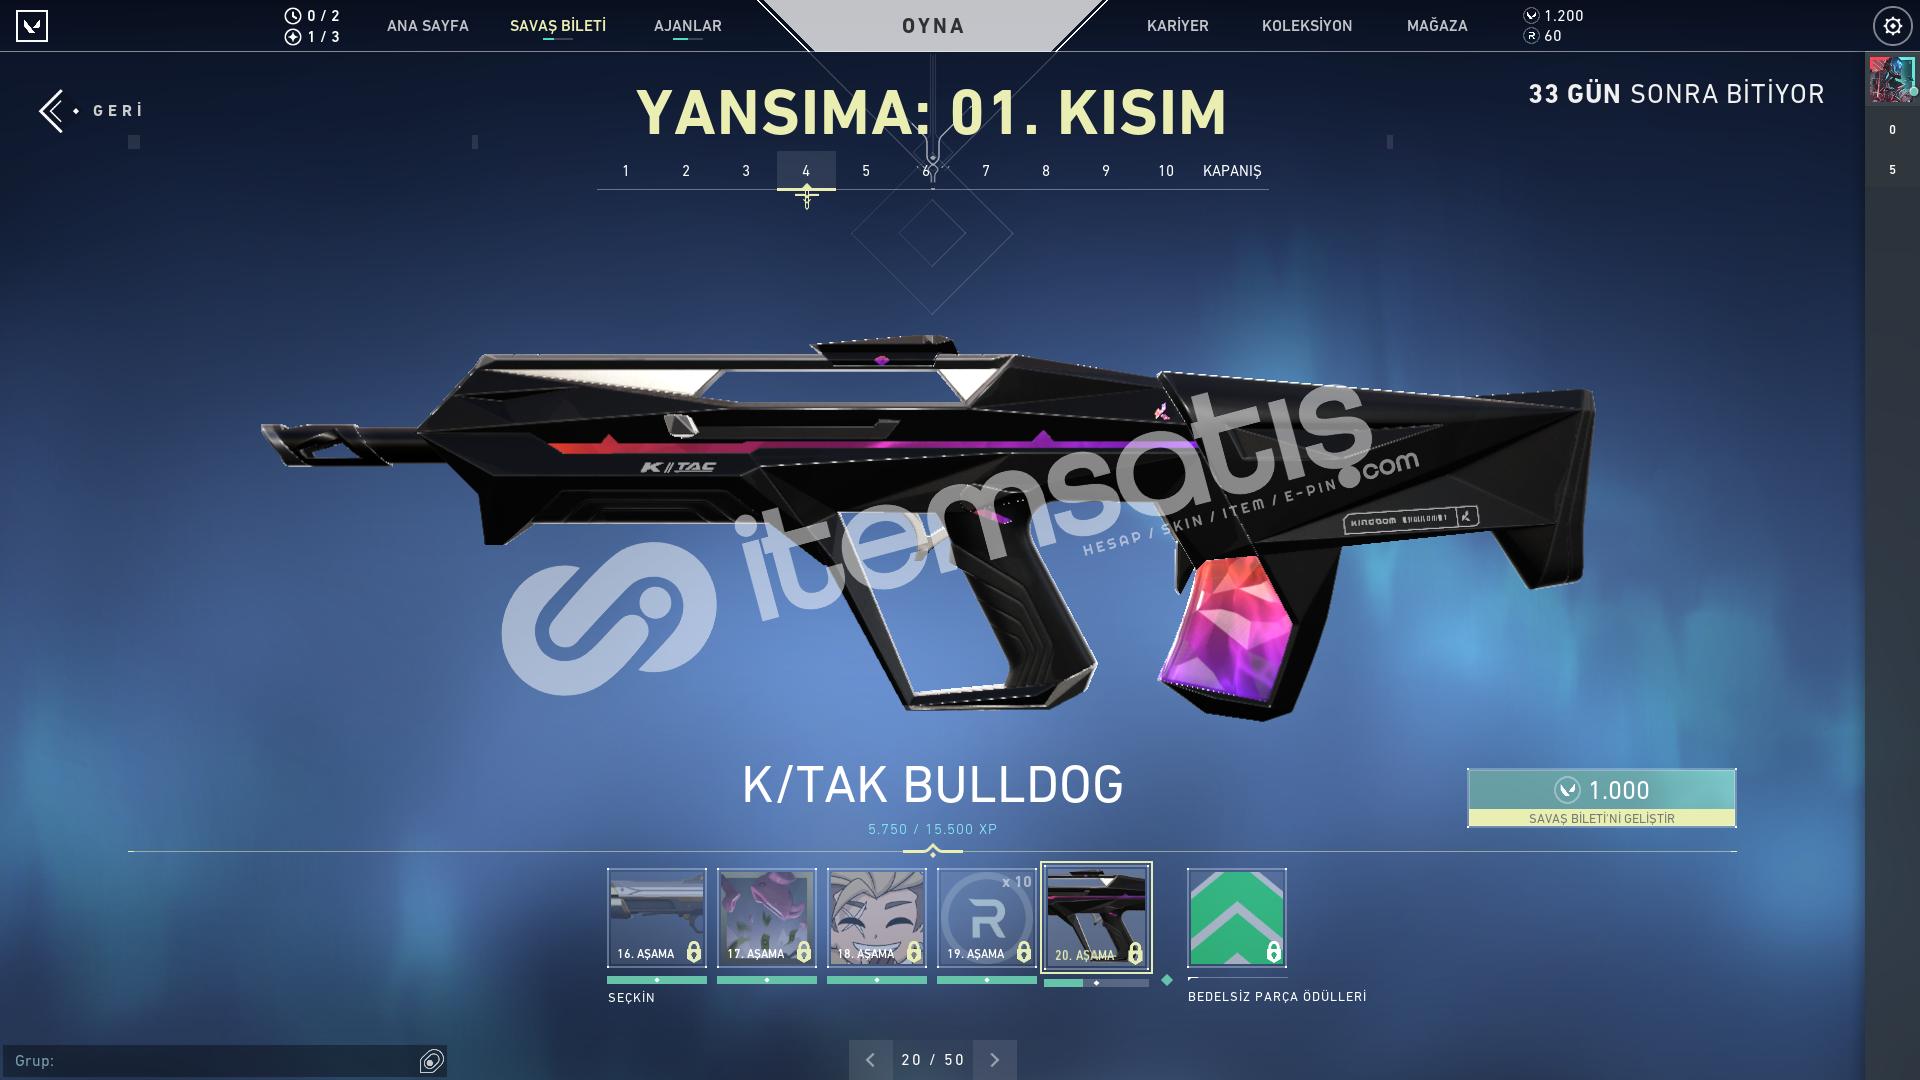 1200 VPLİ HESAP!!!